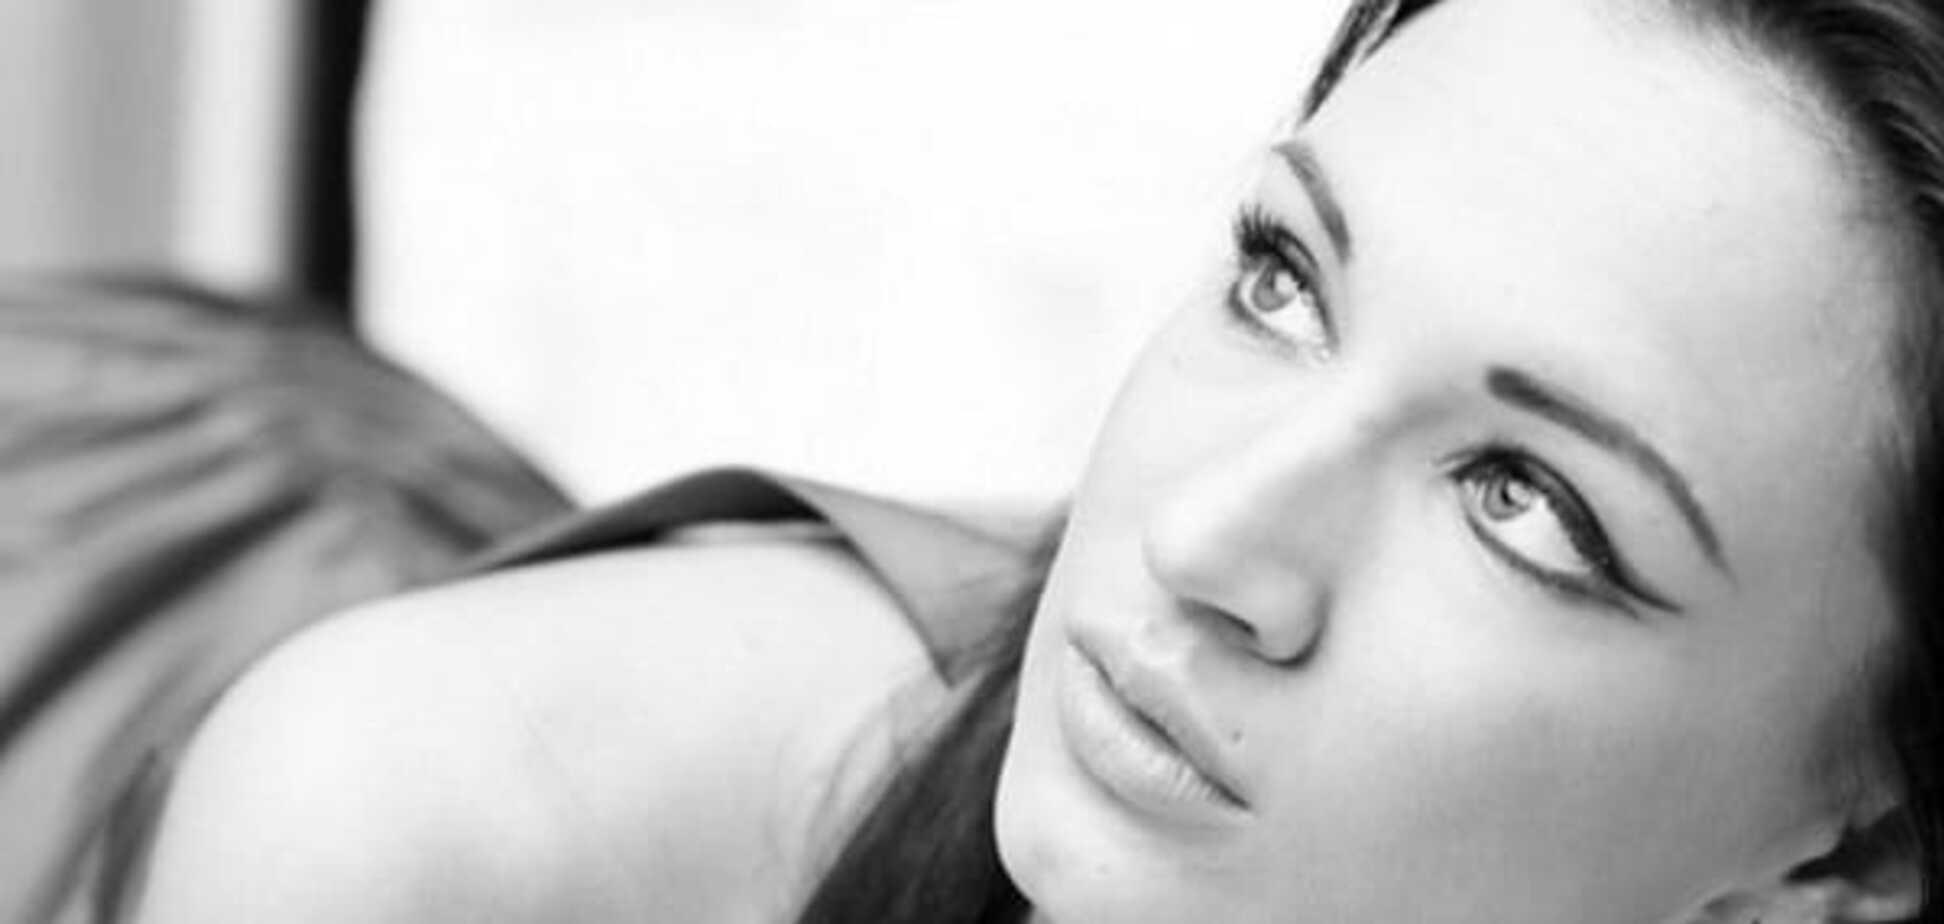 Під час аварії літака в Єгипті загинула учасниця шоу 'Топ-модель по-російськи'